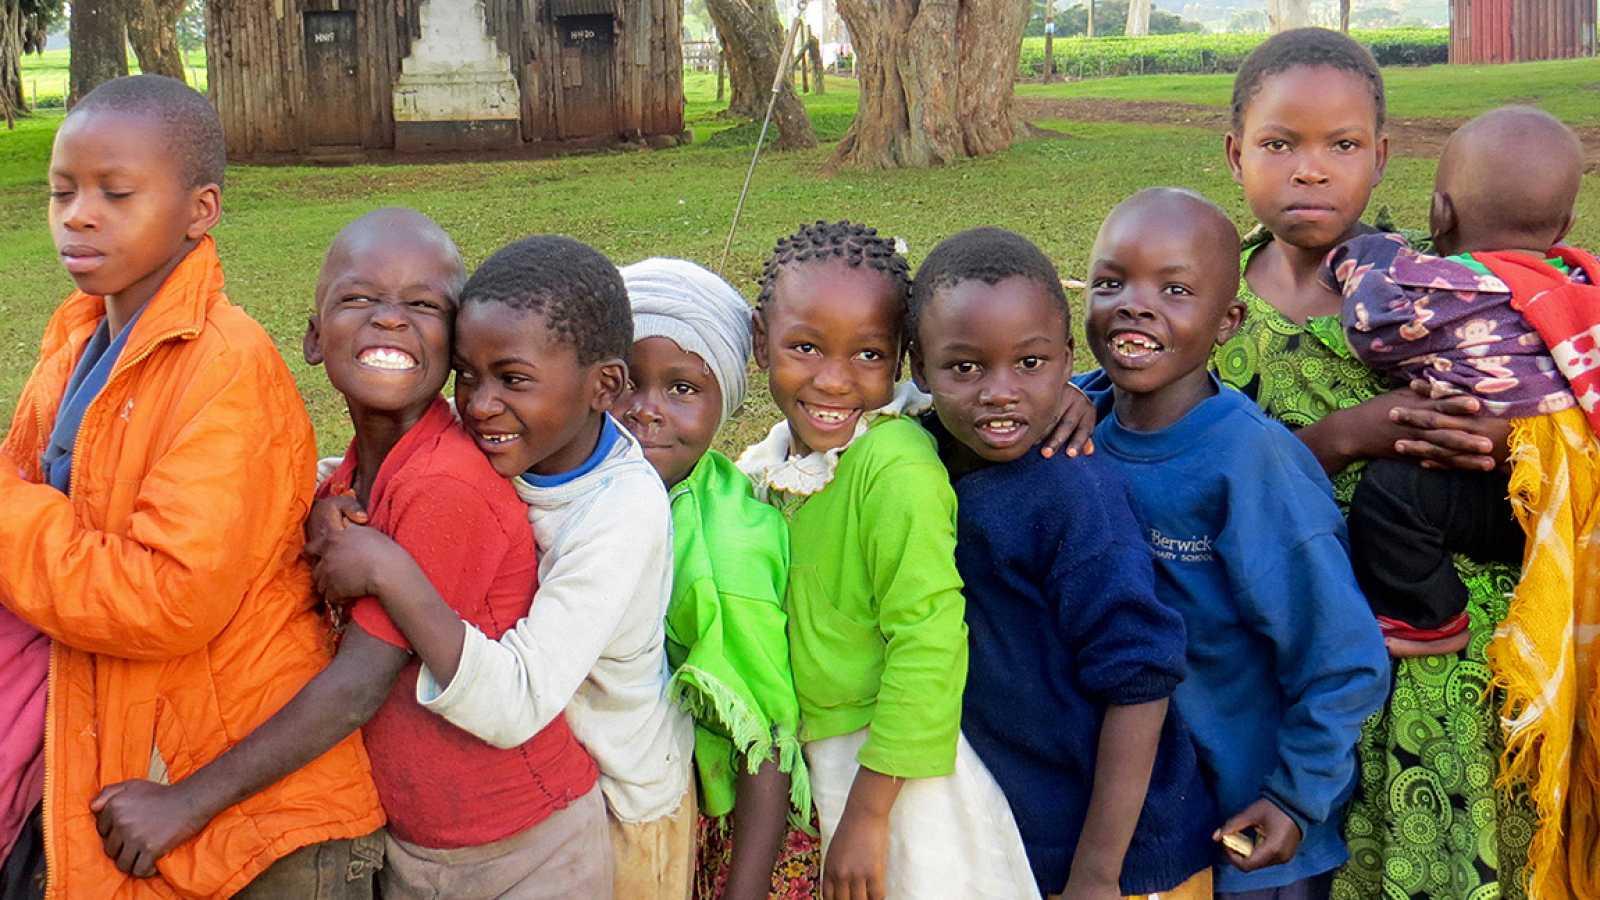 Punto de enlace - Karibu Sana trabaja por la educación de los niños en Kenia - 27/11/17 - escuchar ahora